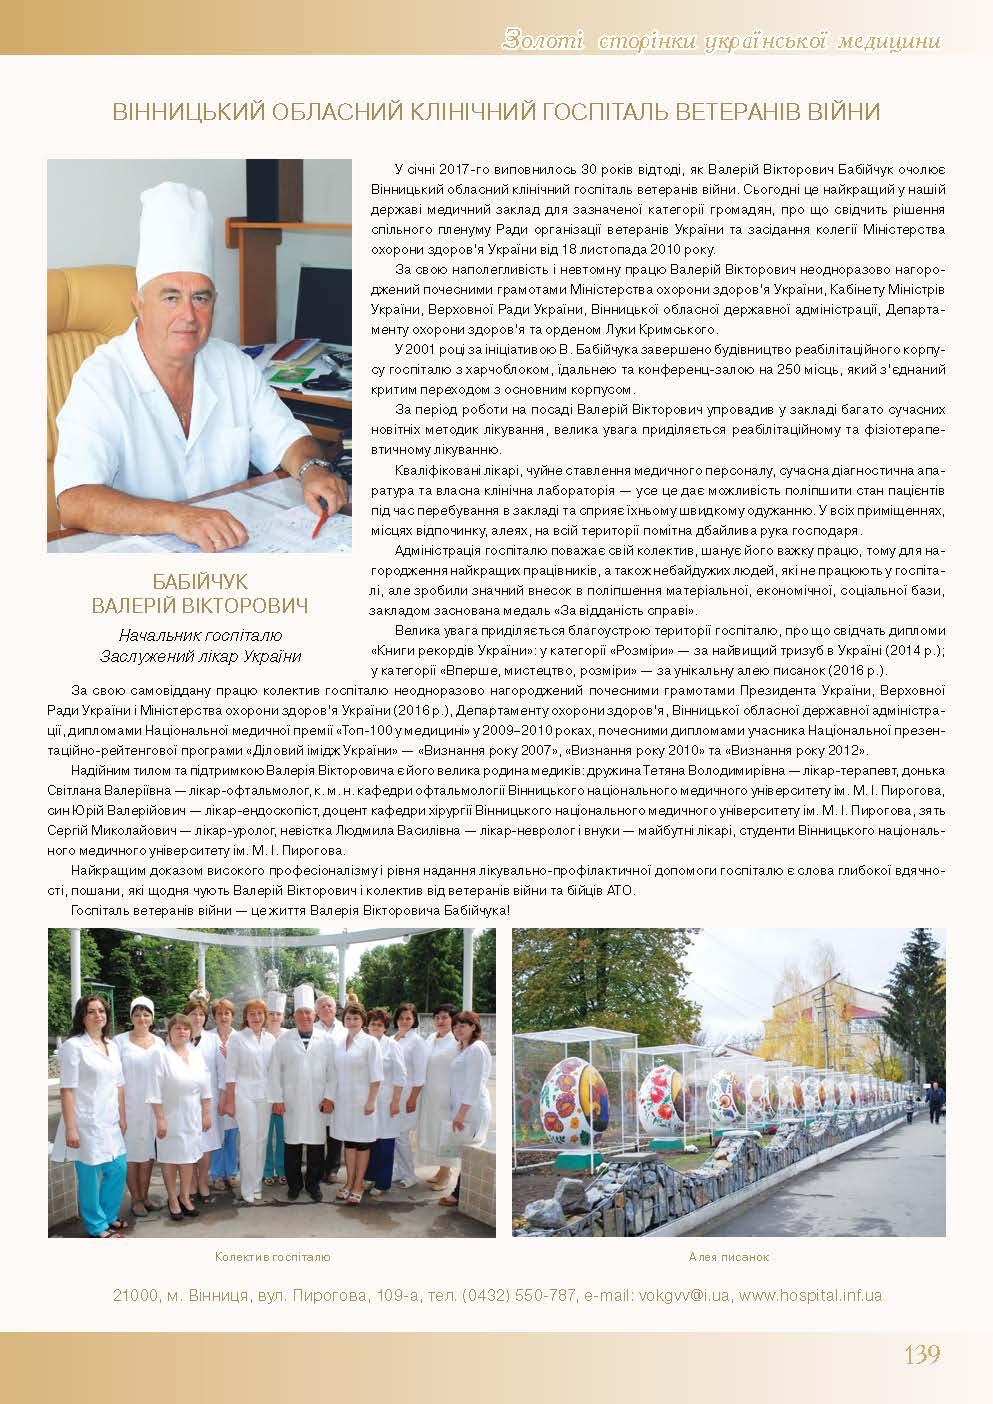 Вінницький обласний клінічний госпіталь ветеранів війни